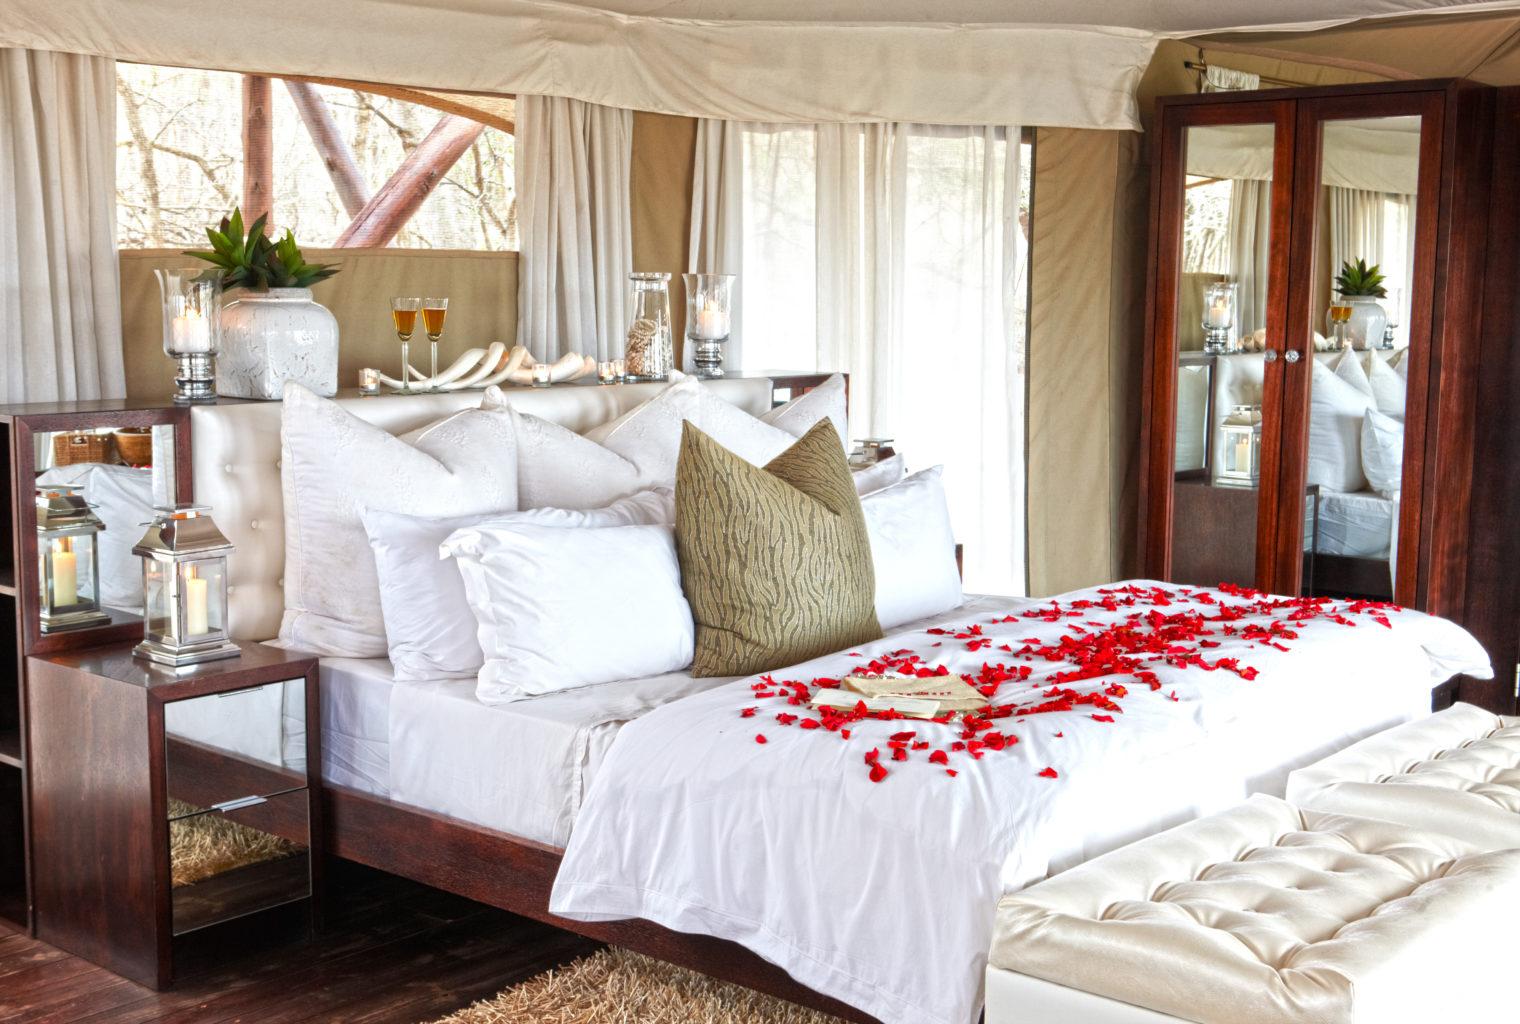 Thanda Tented Camp - honeymoon tent romantic turndown